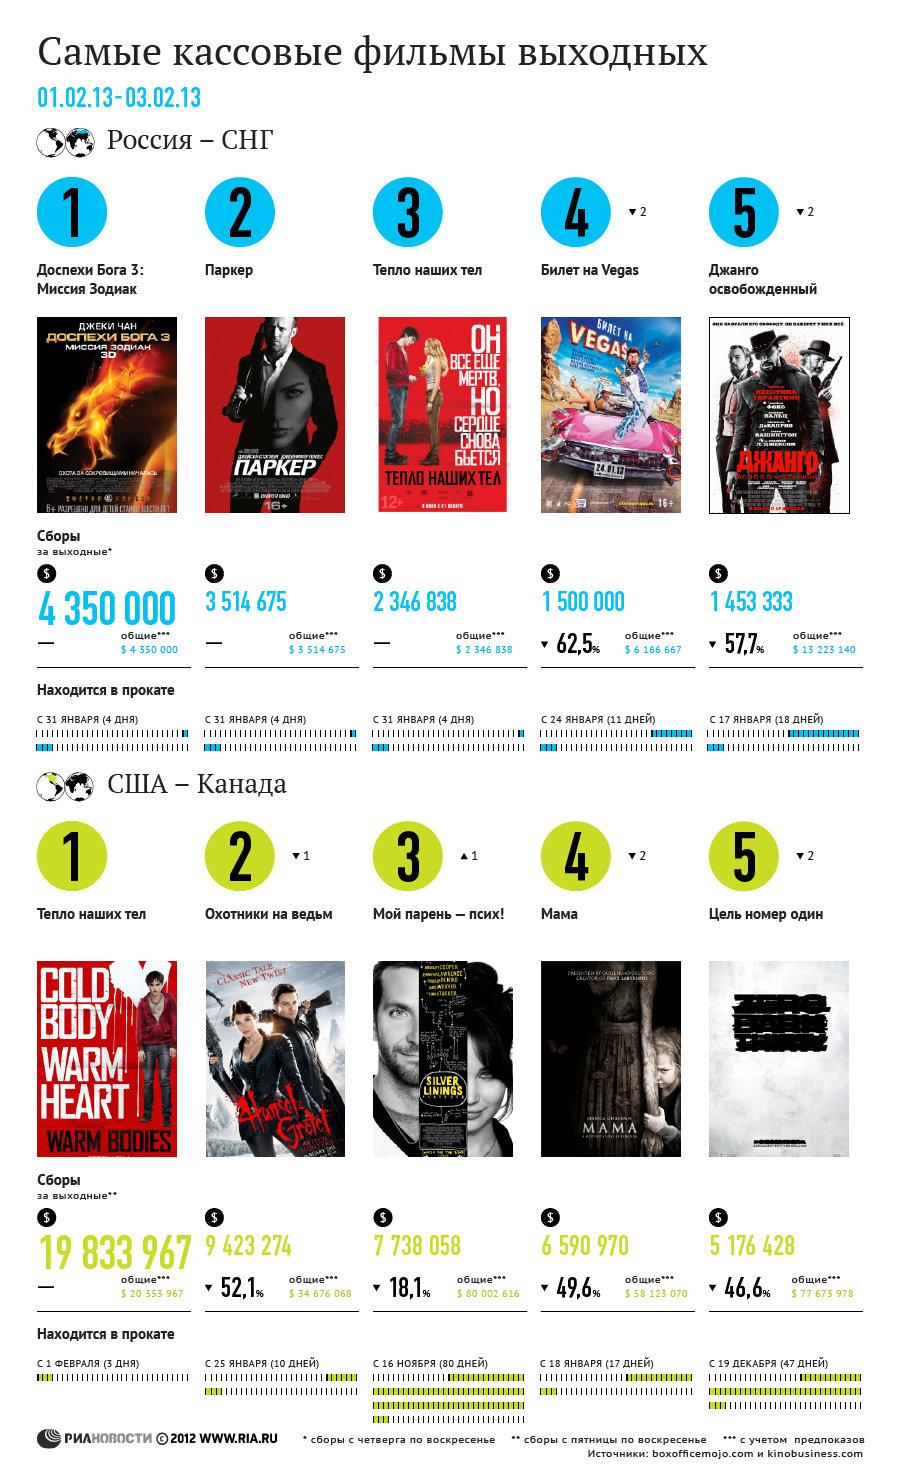 Самые кассовые фильмы выходных (1-3 февраля)